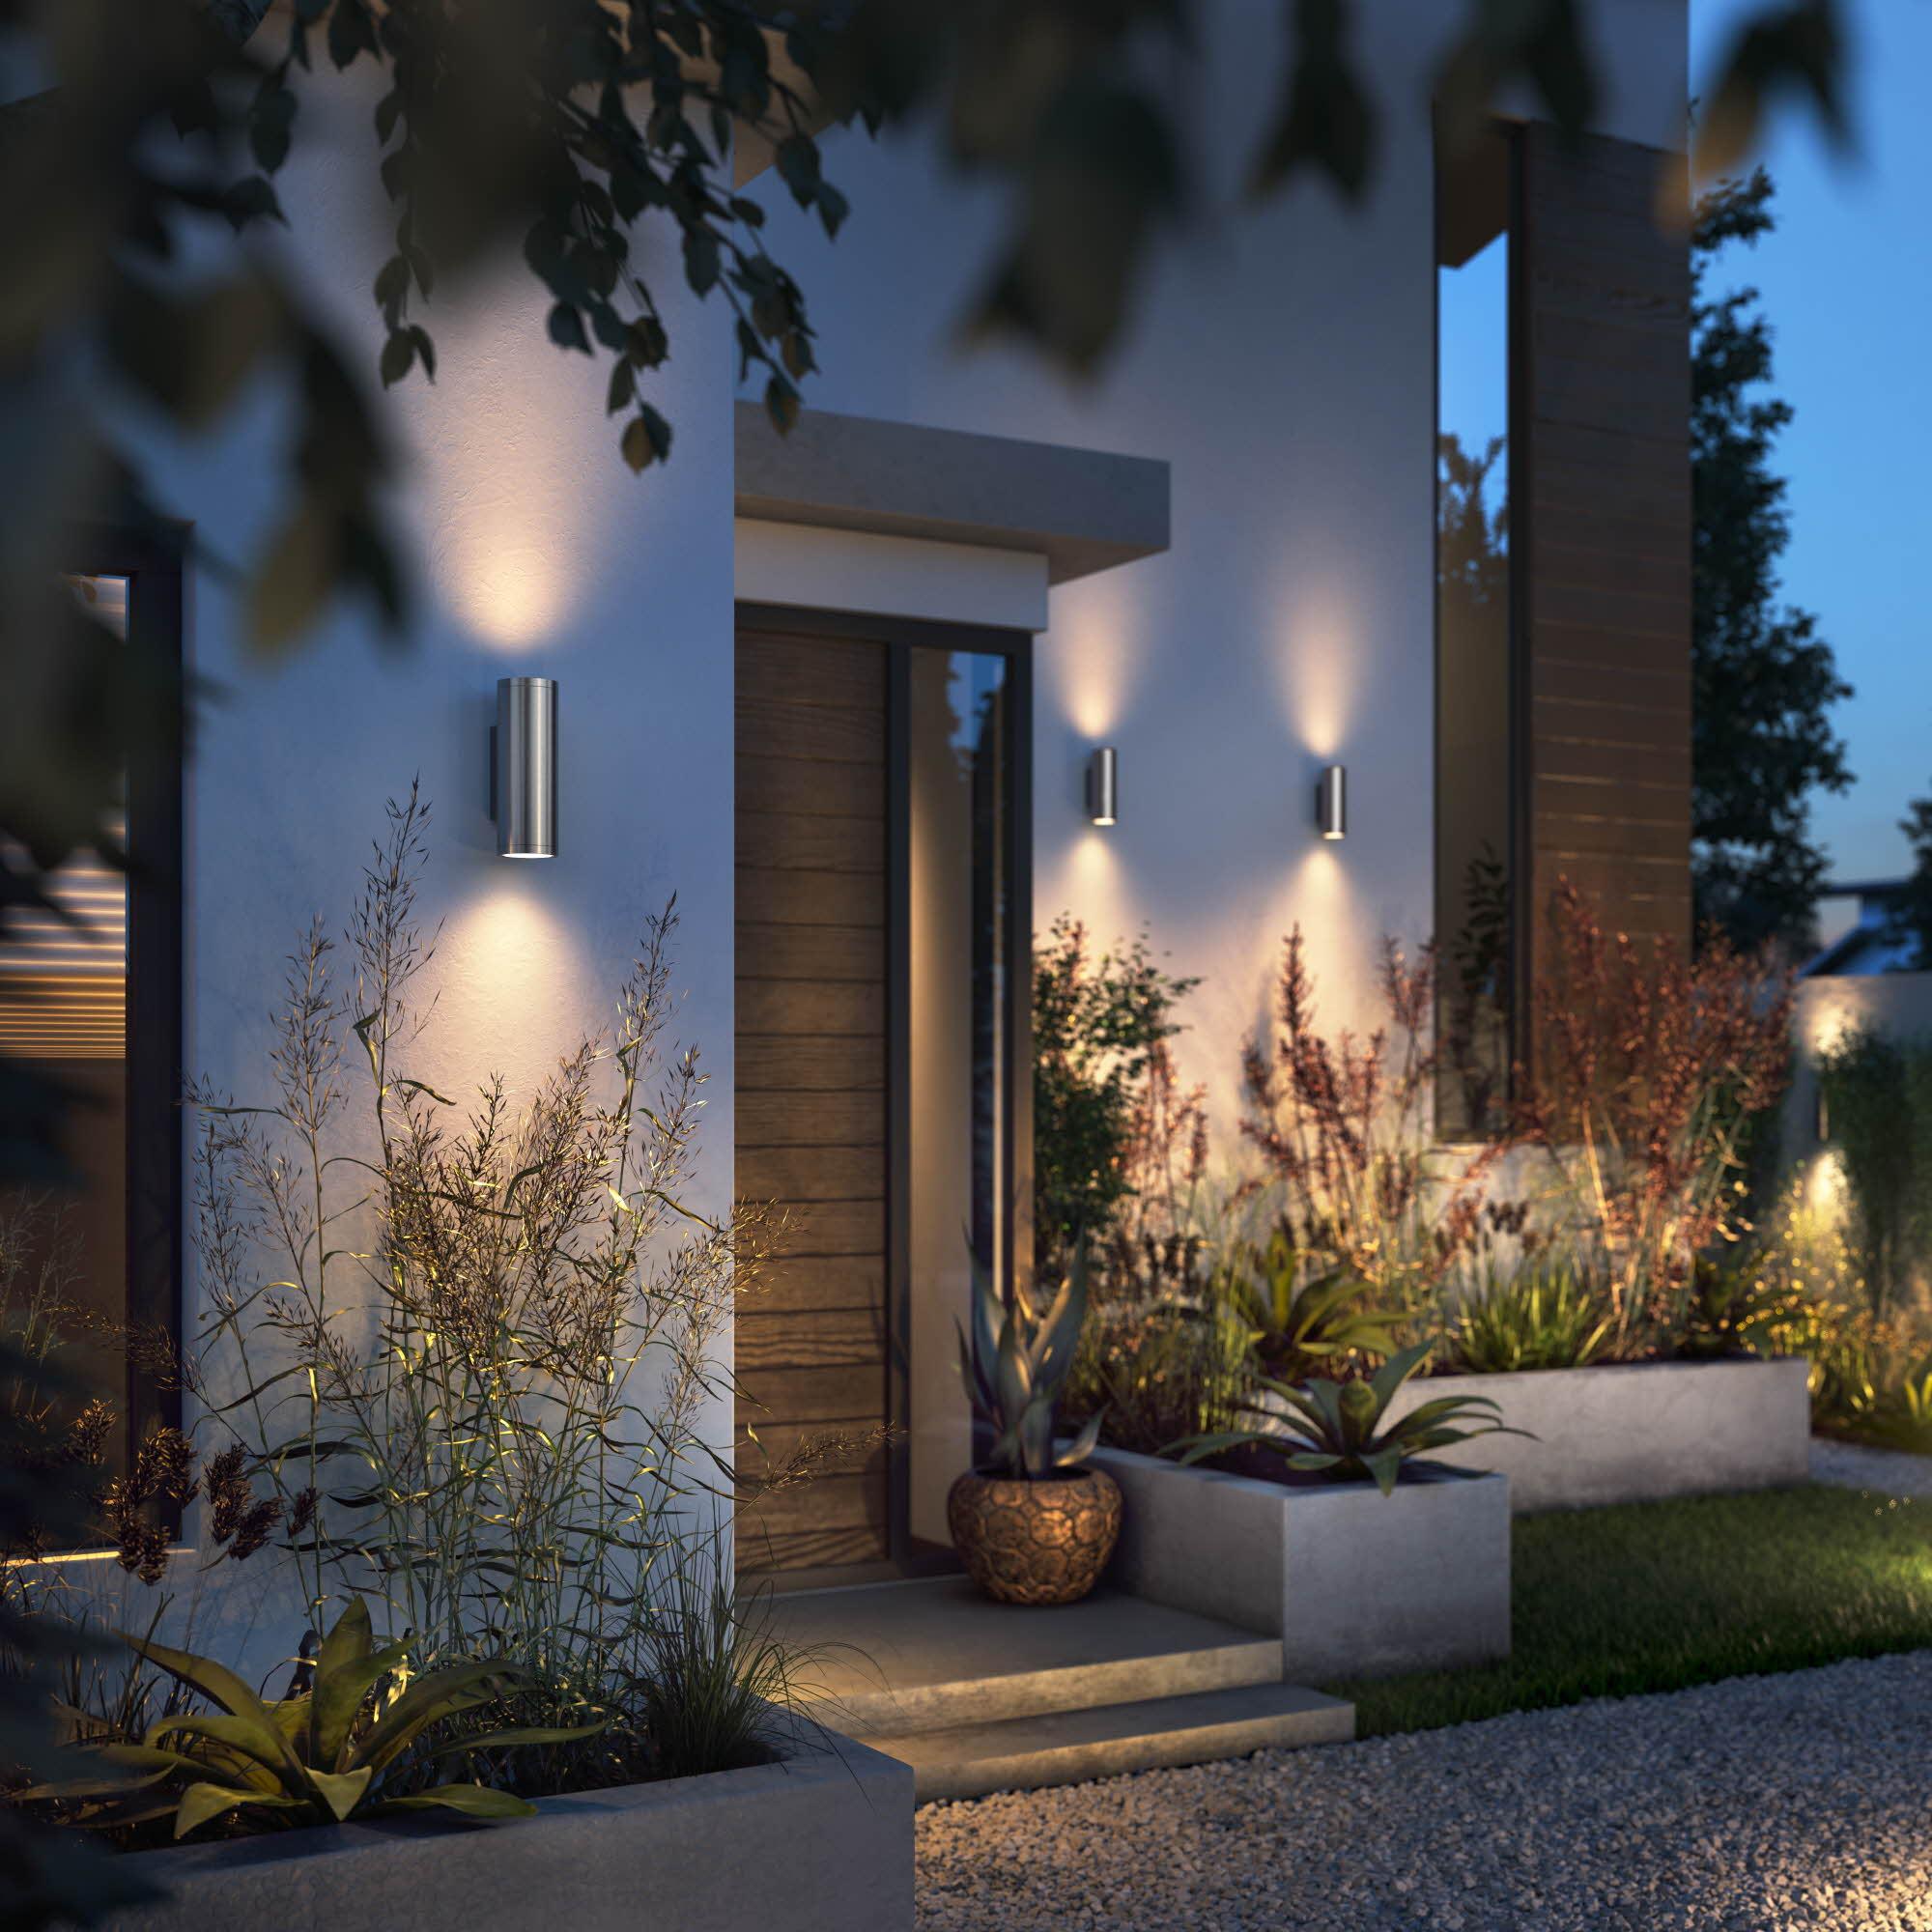 appear inox facade frontyard warm white